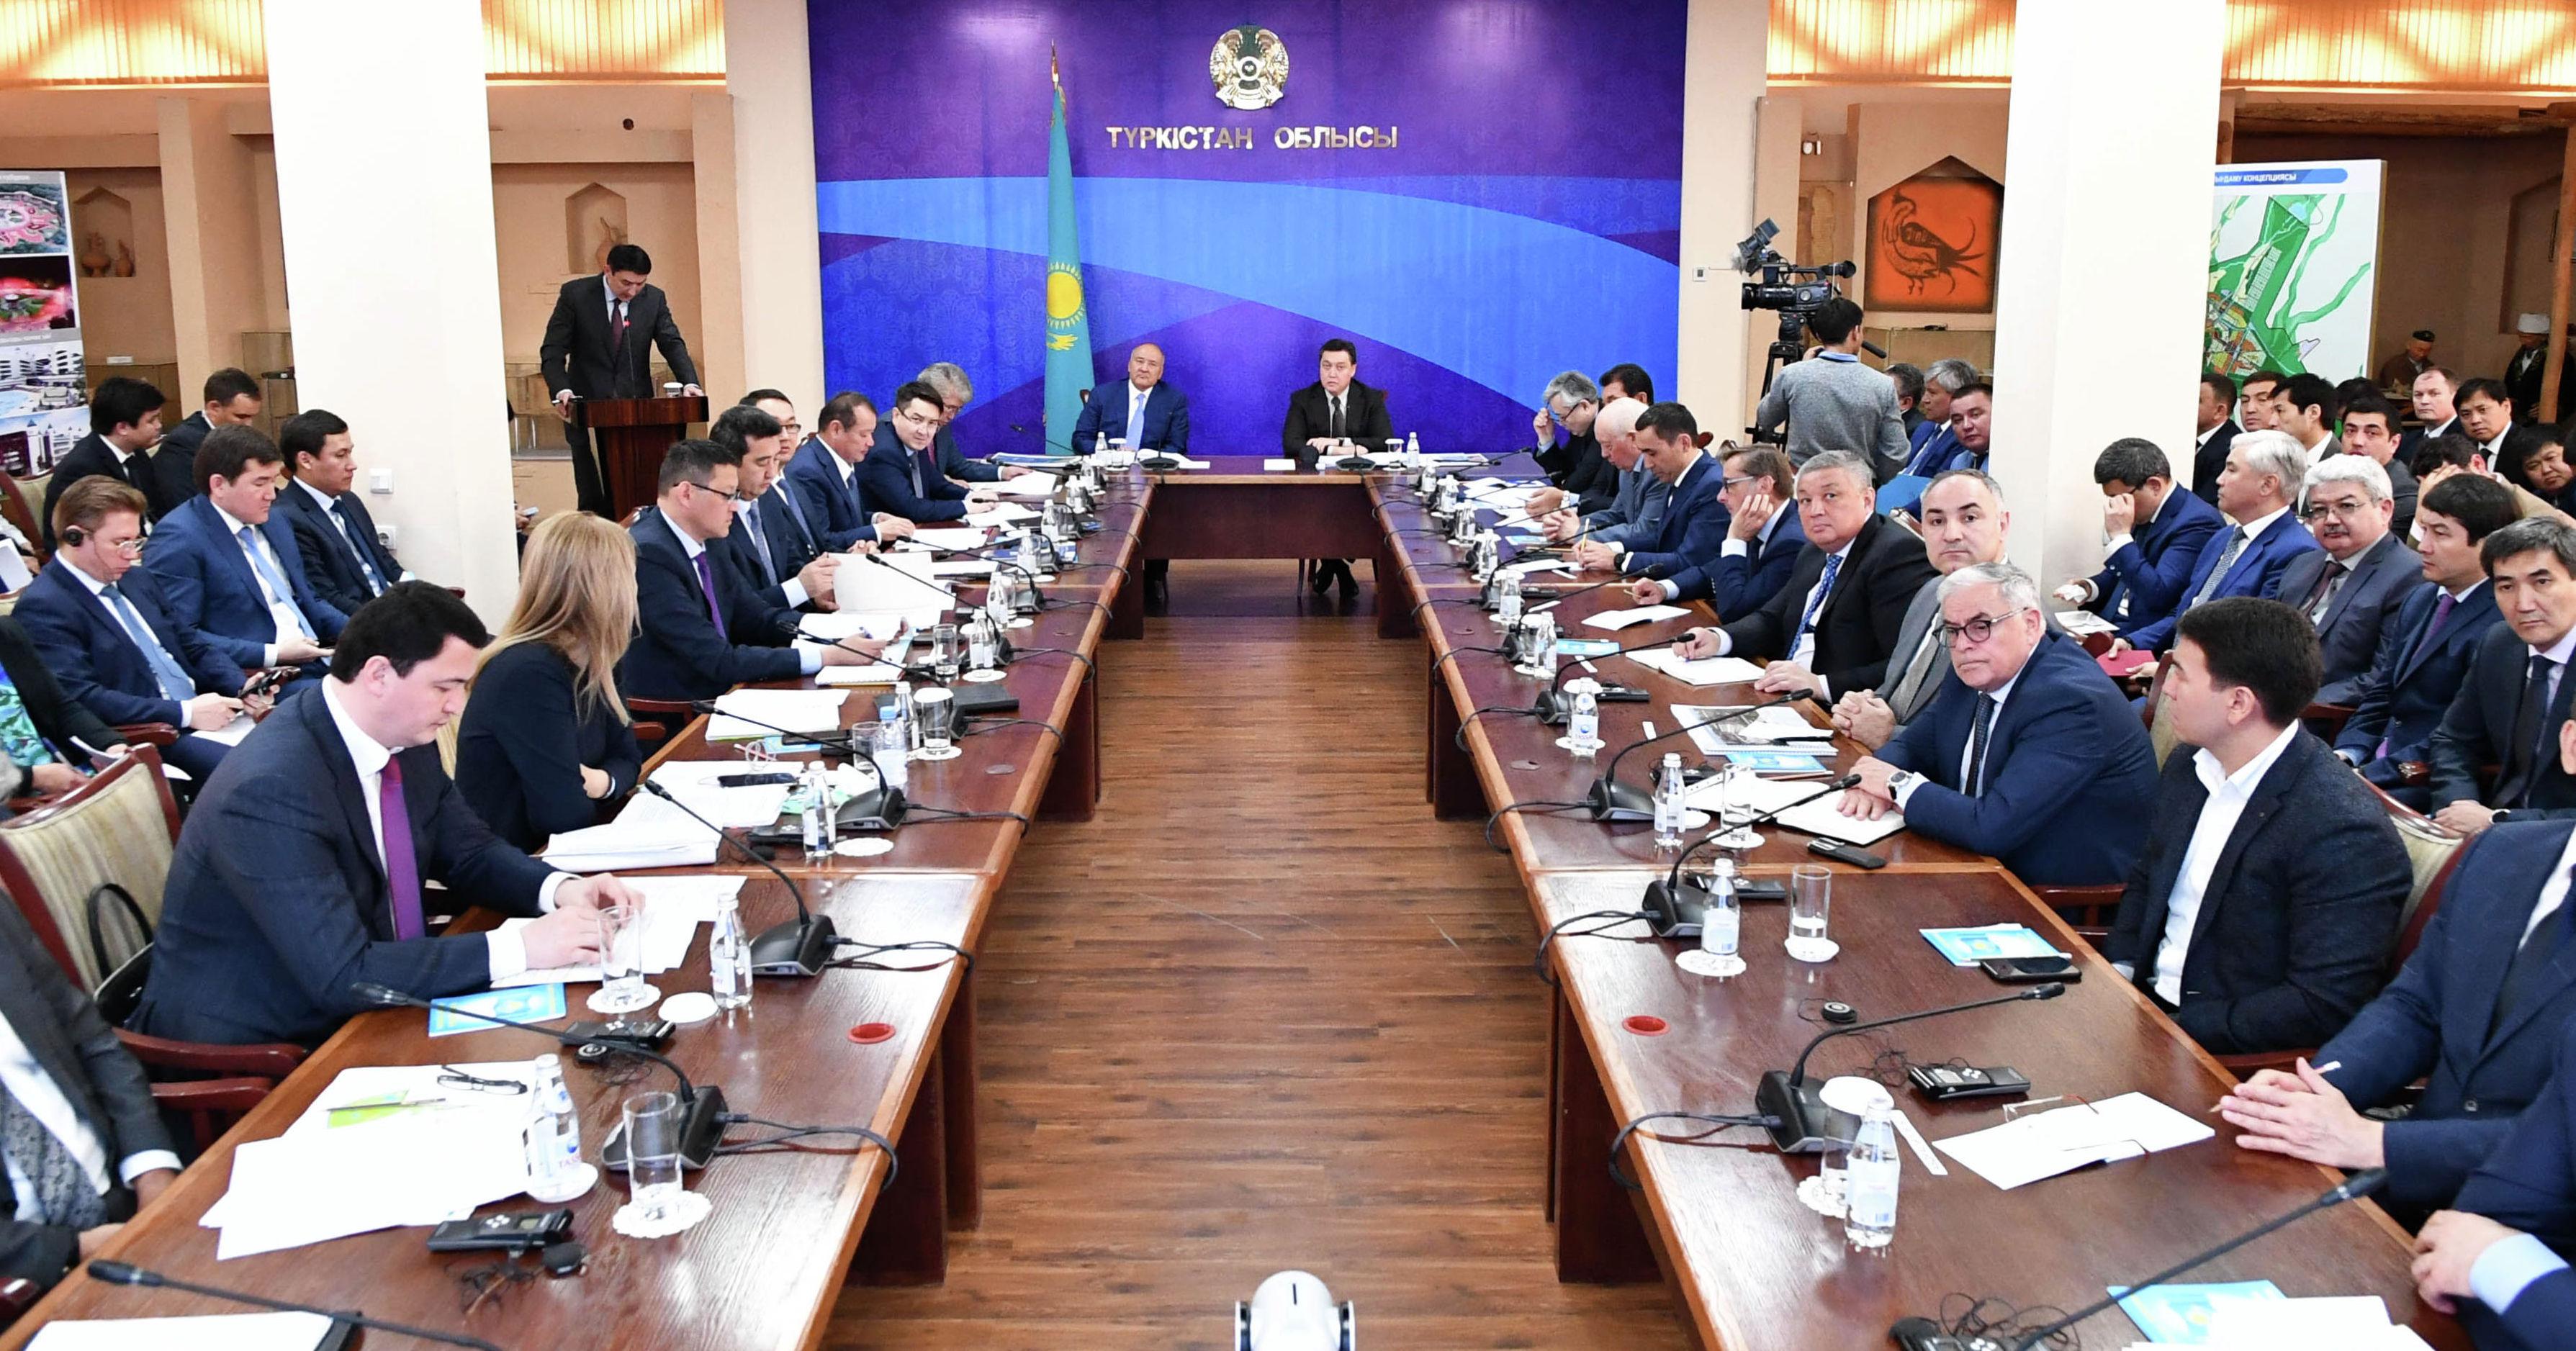 Премьер-министр Аскар Мамин провел рабочее совещание по реализации Комплексного плана застройки и развития Туркестана